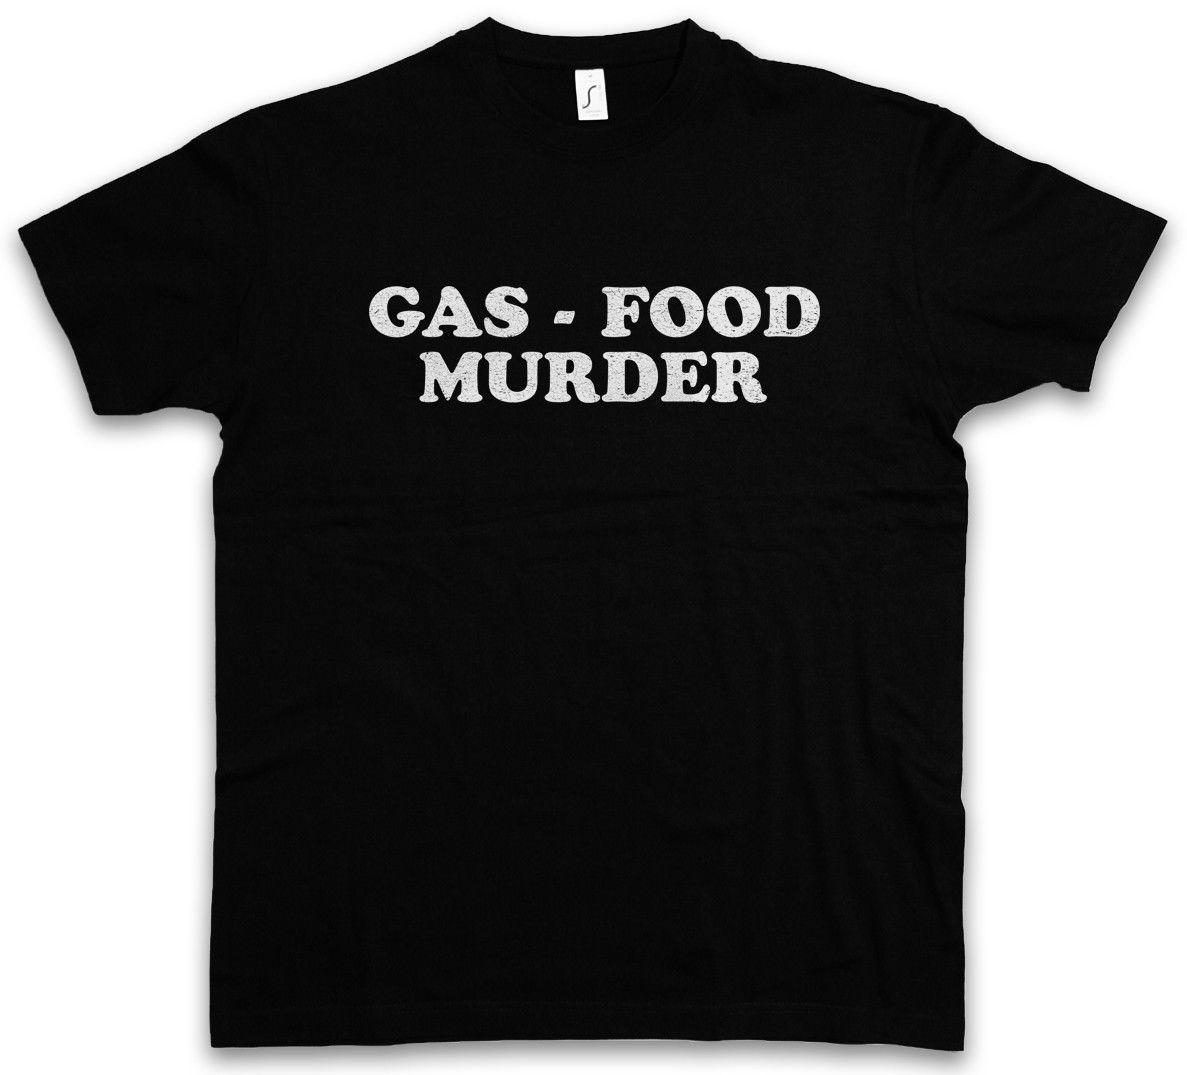 GAS FOOD MURDER T-SHIRT Haus der Zombie Thousand 1000 Corpses Tausend Leichen